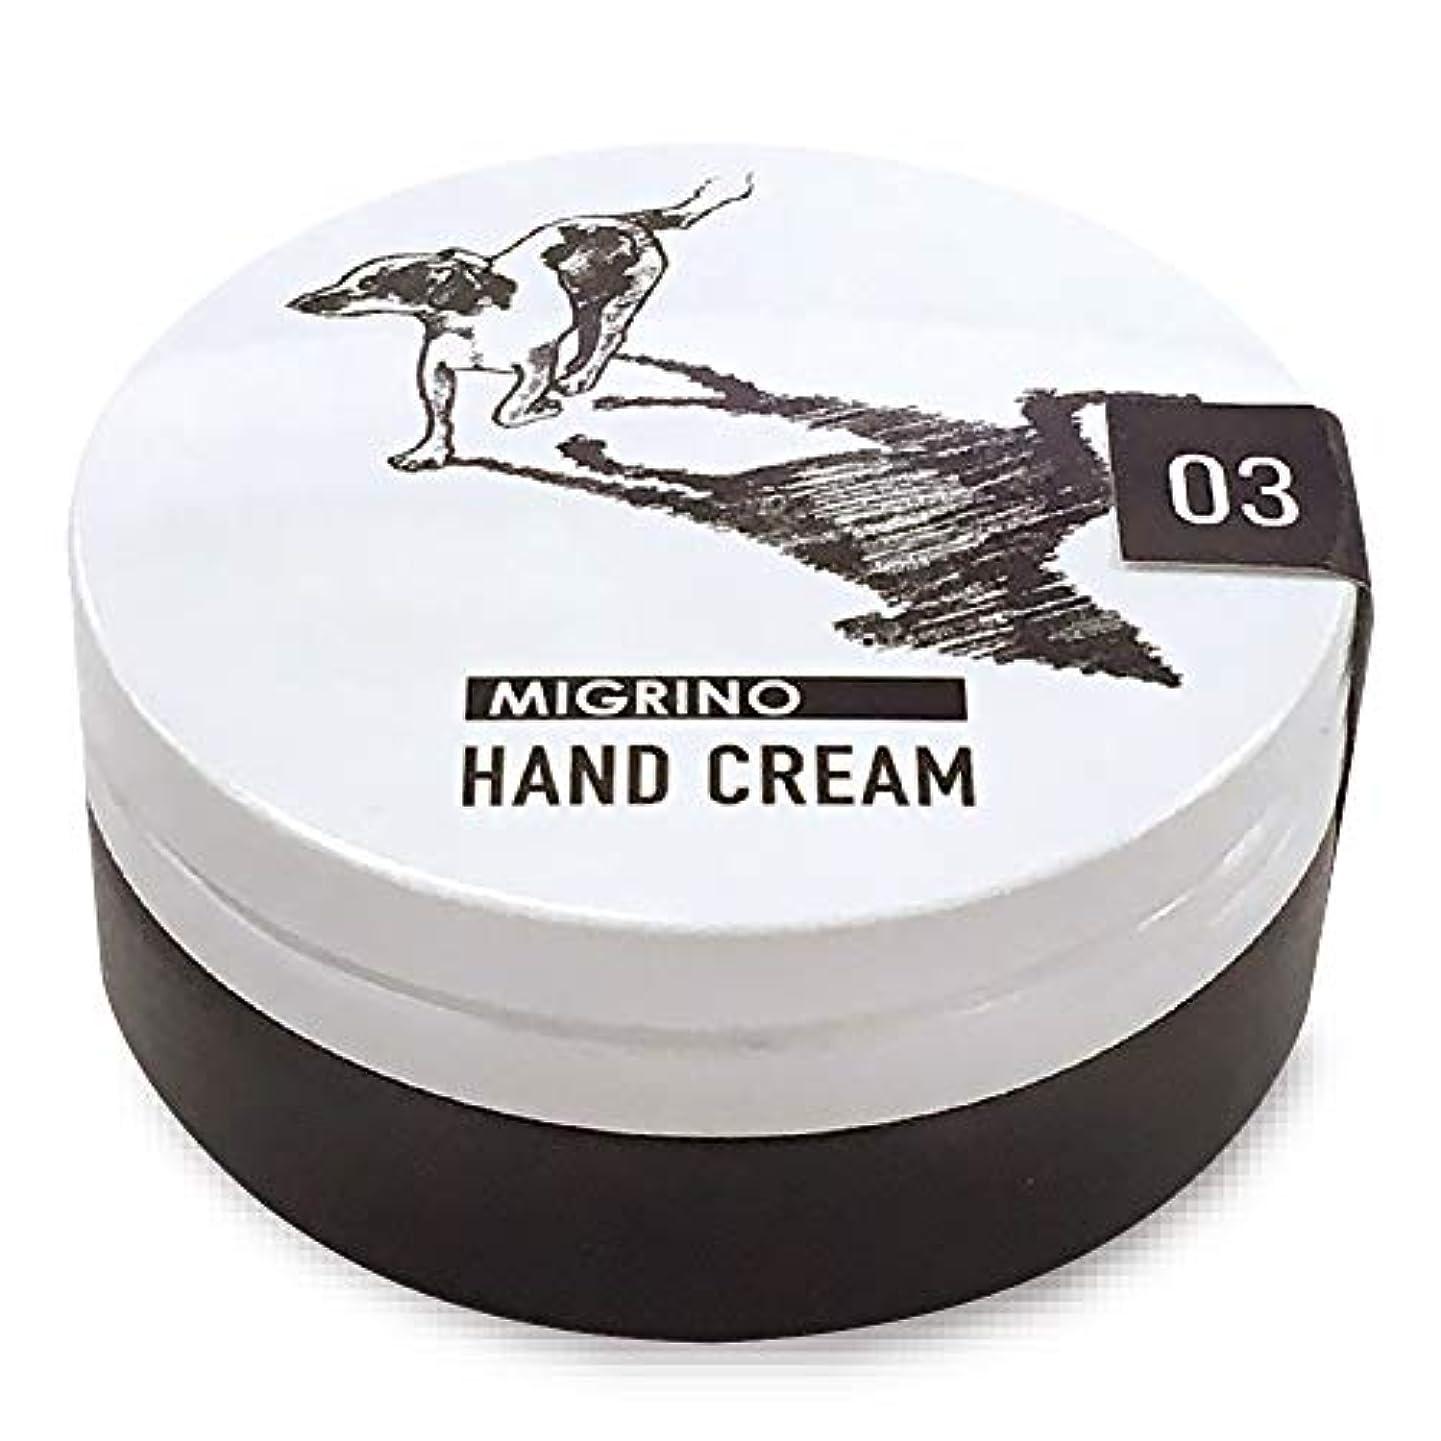 パトワ信頼死ぬノルコーポレーション ハンドクリーム パドロール 保湿成分配合 PAD-9-03 ベルガモットの香り 60g